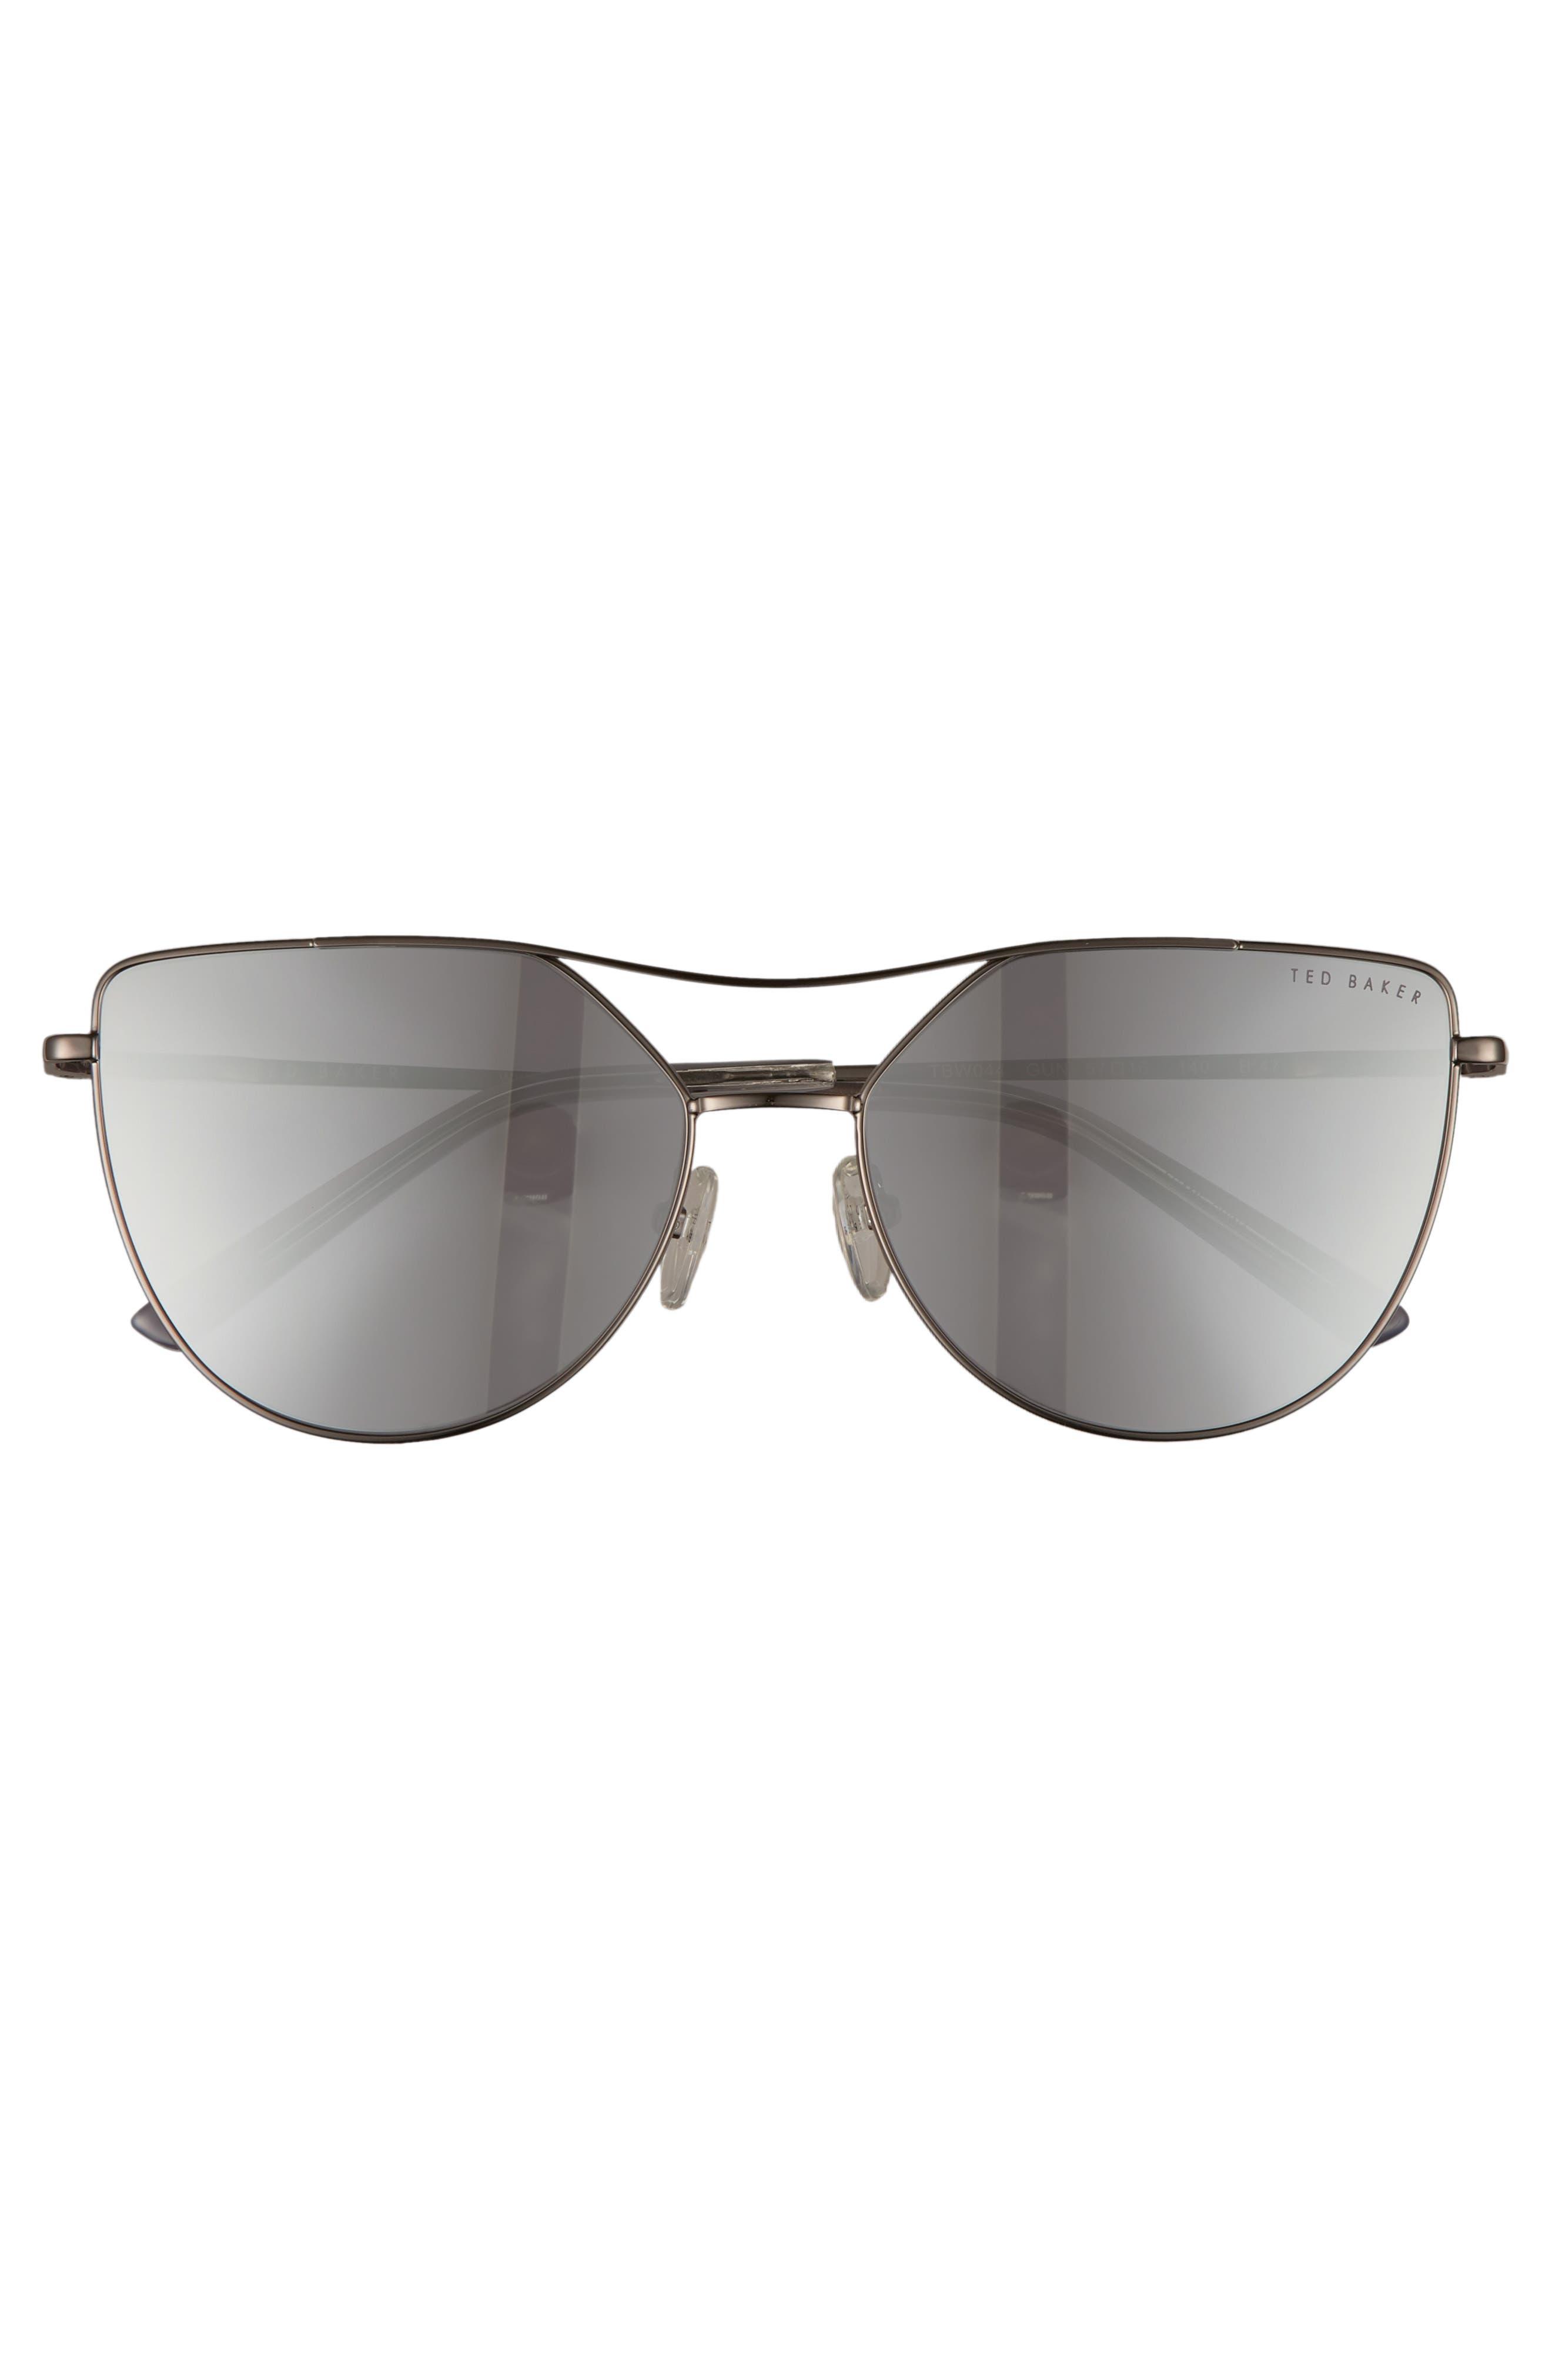 57mm Geometric Aviator Sunglasses,                             Alternate thumbnail 3, color,                             GUN METAL